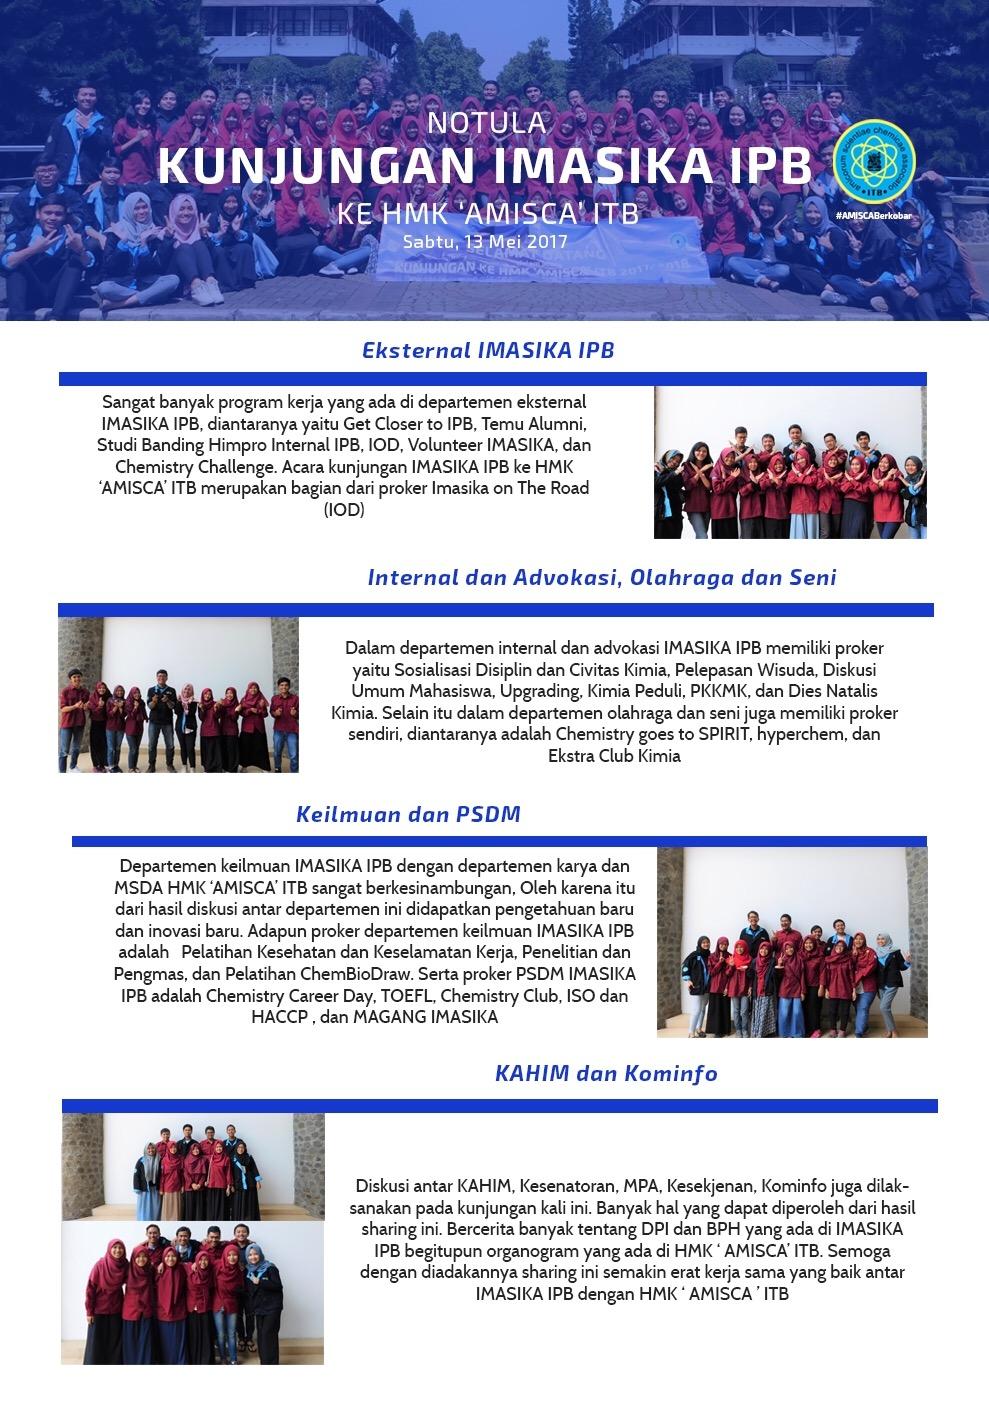 Infografis Kunjungan IMASIKA IPB